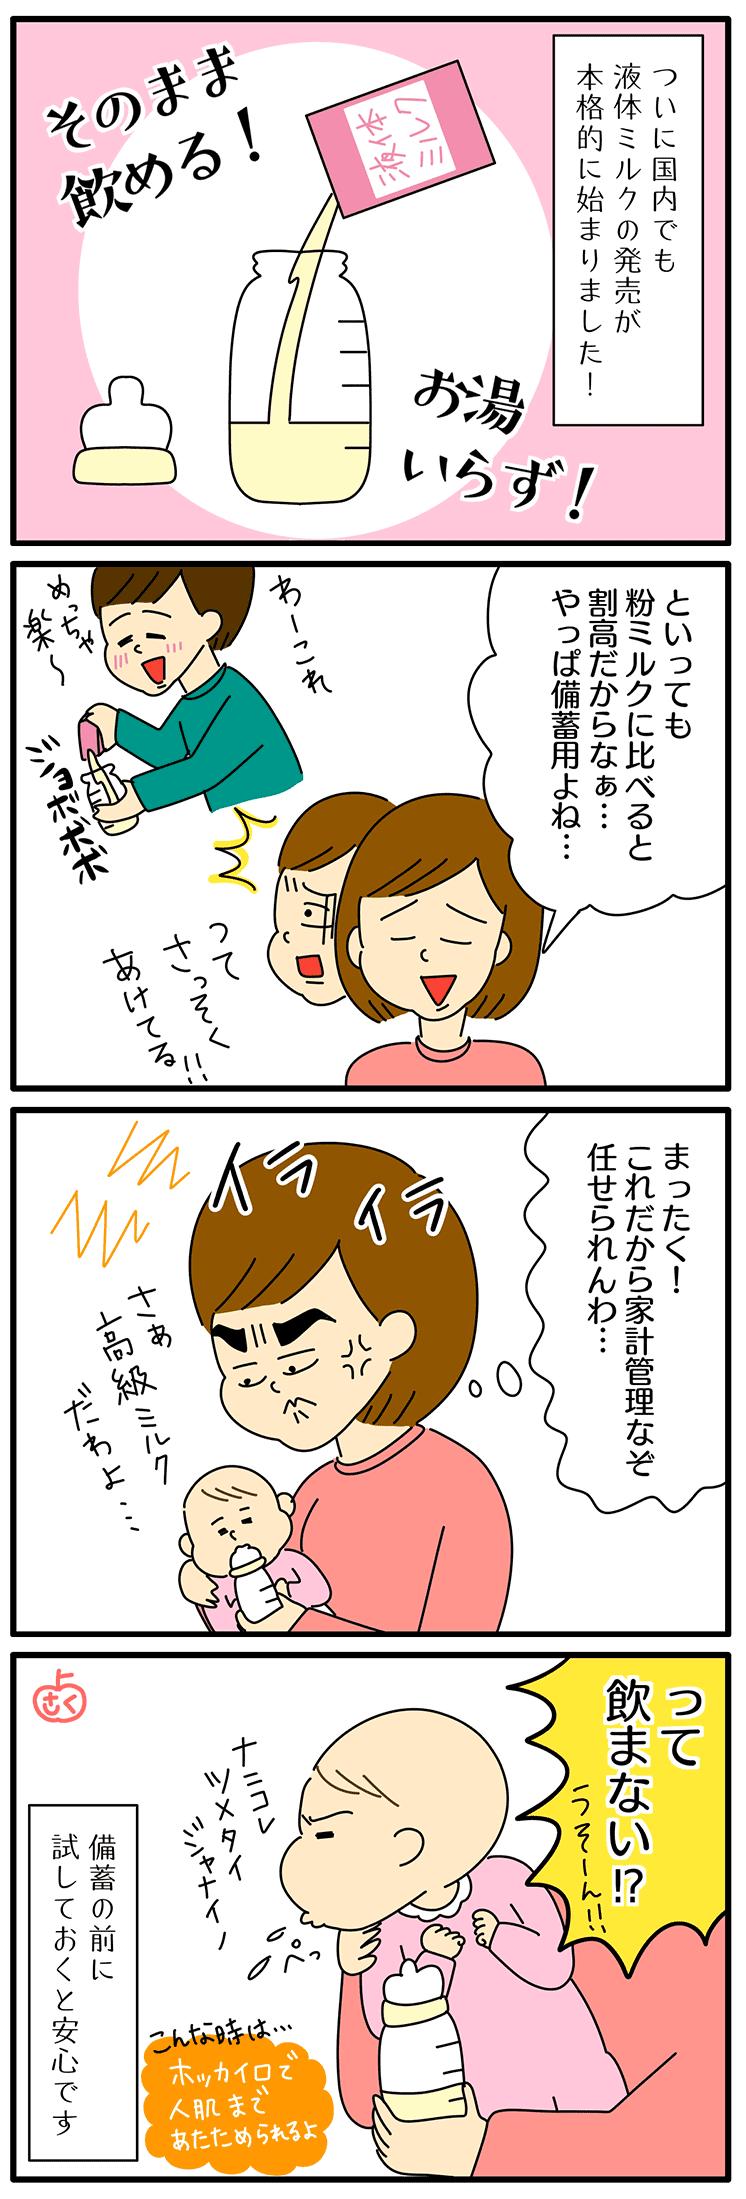 液体ミルクについての永岡さくら(saku)さんの子育て4コマ漫画